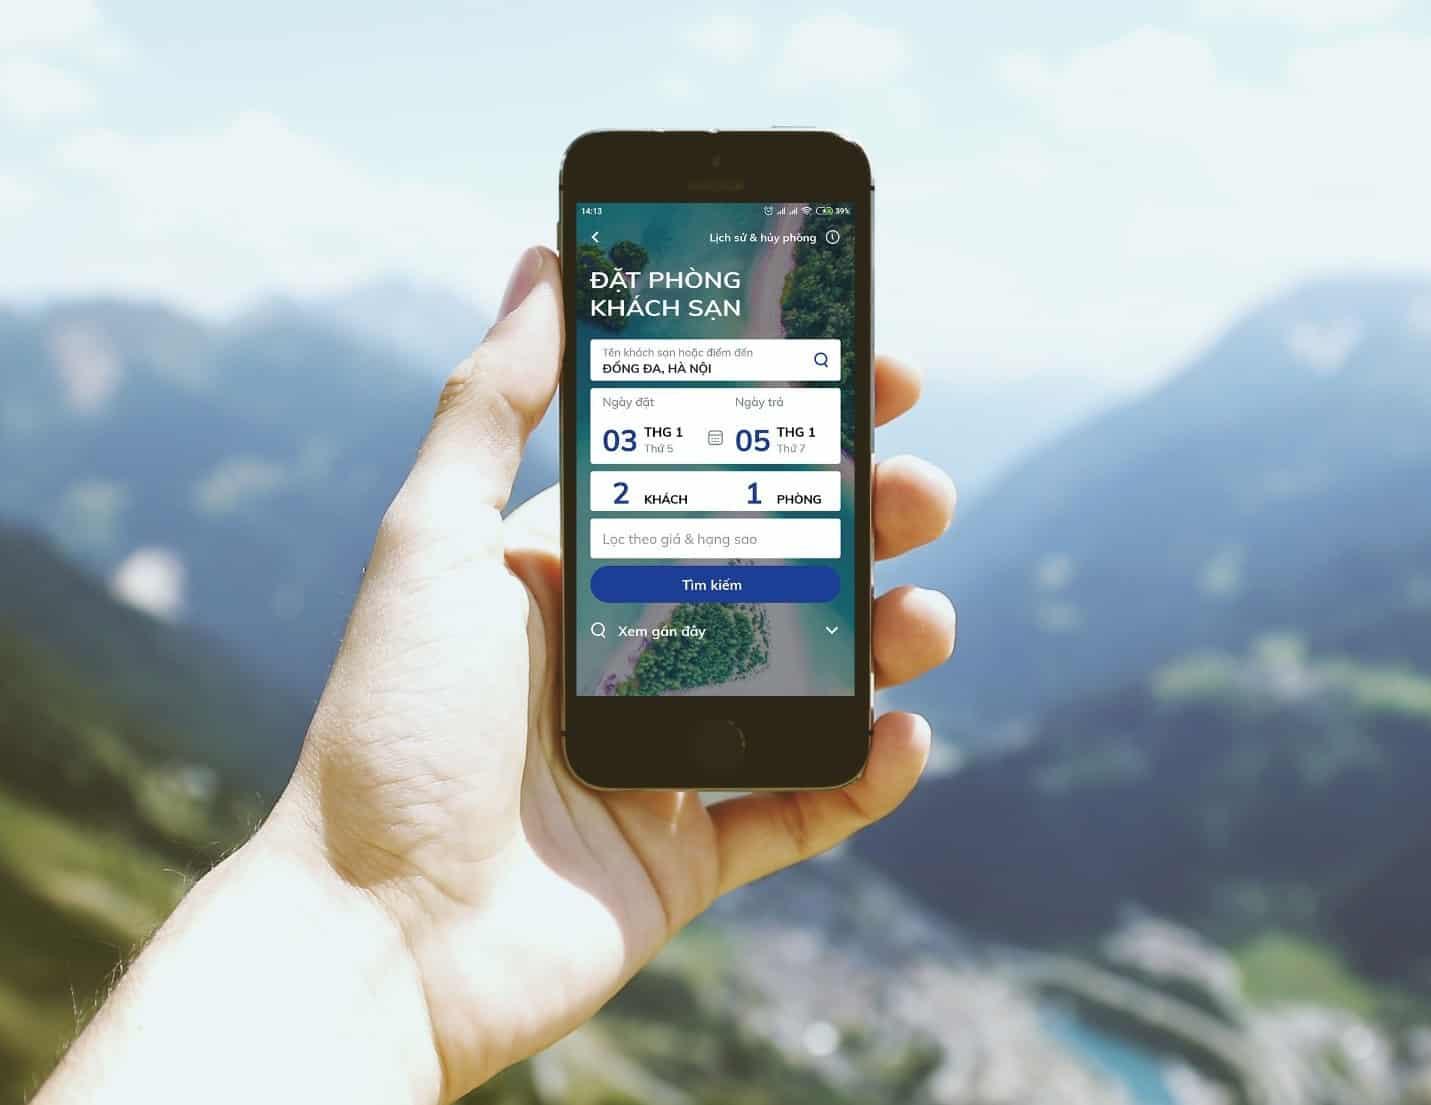 xu hướng đặt phòng online trên smartphone